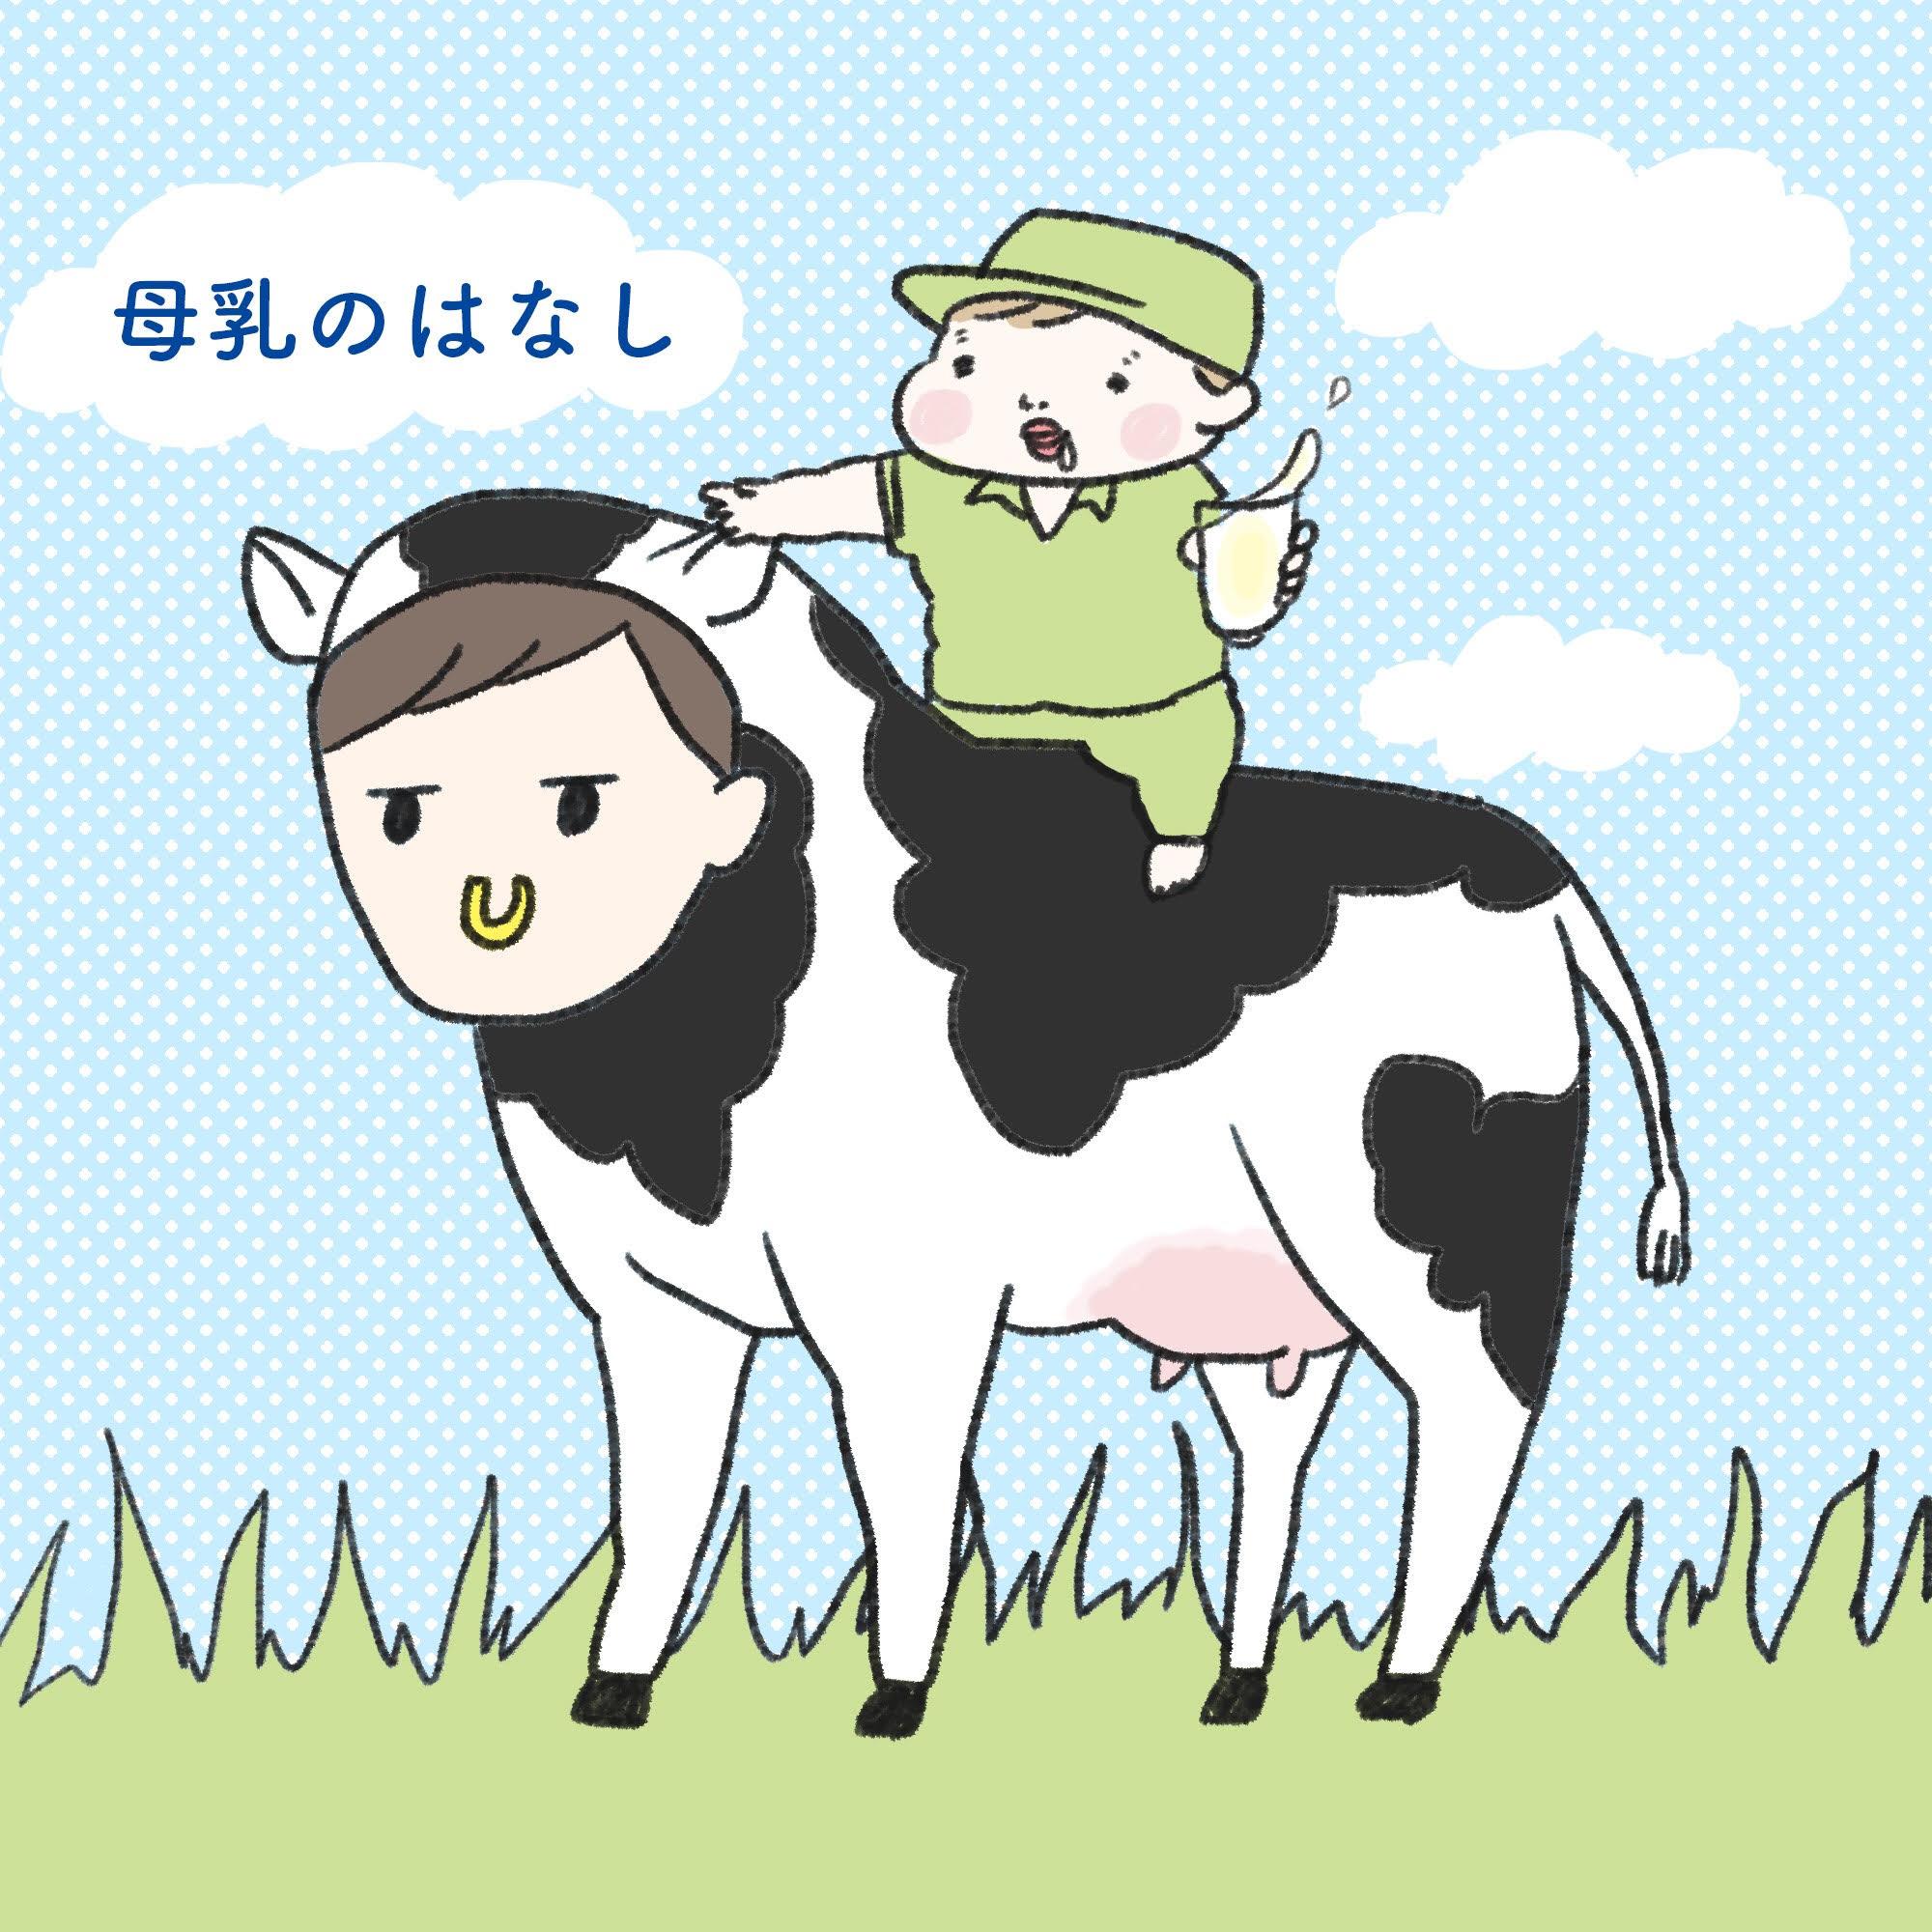 【1日1歩!よちよちよいたん】第8話 母乳のはなし